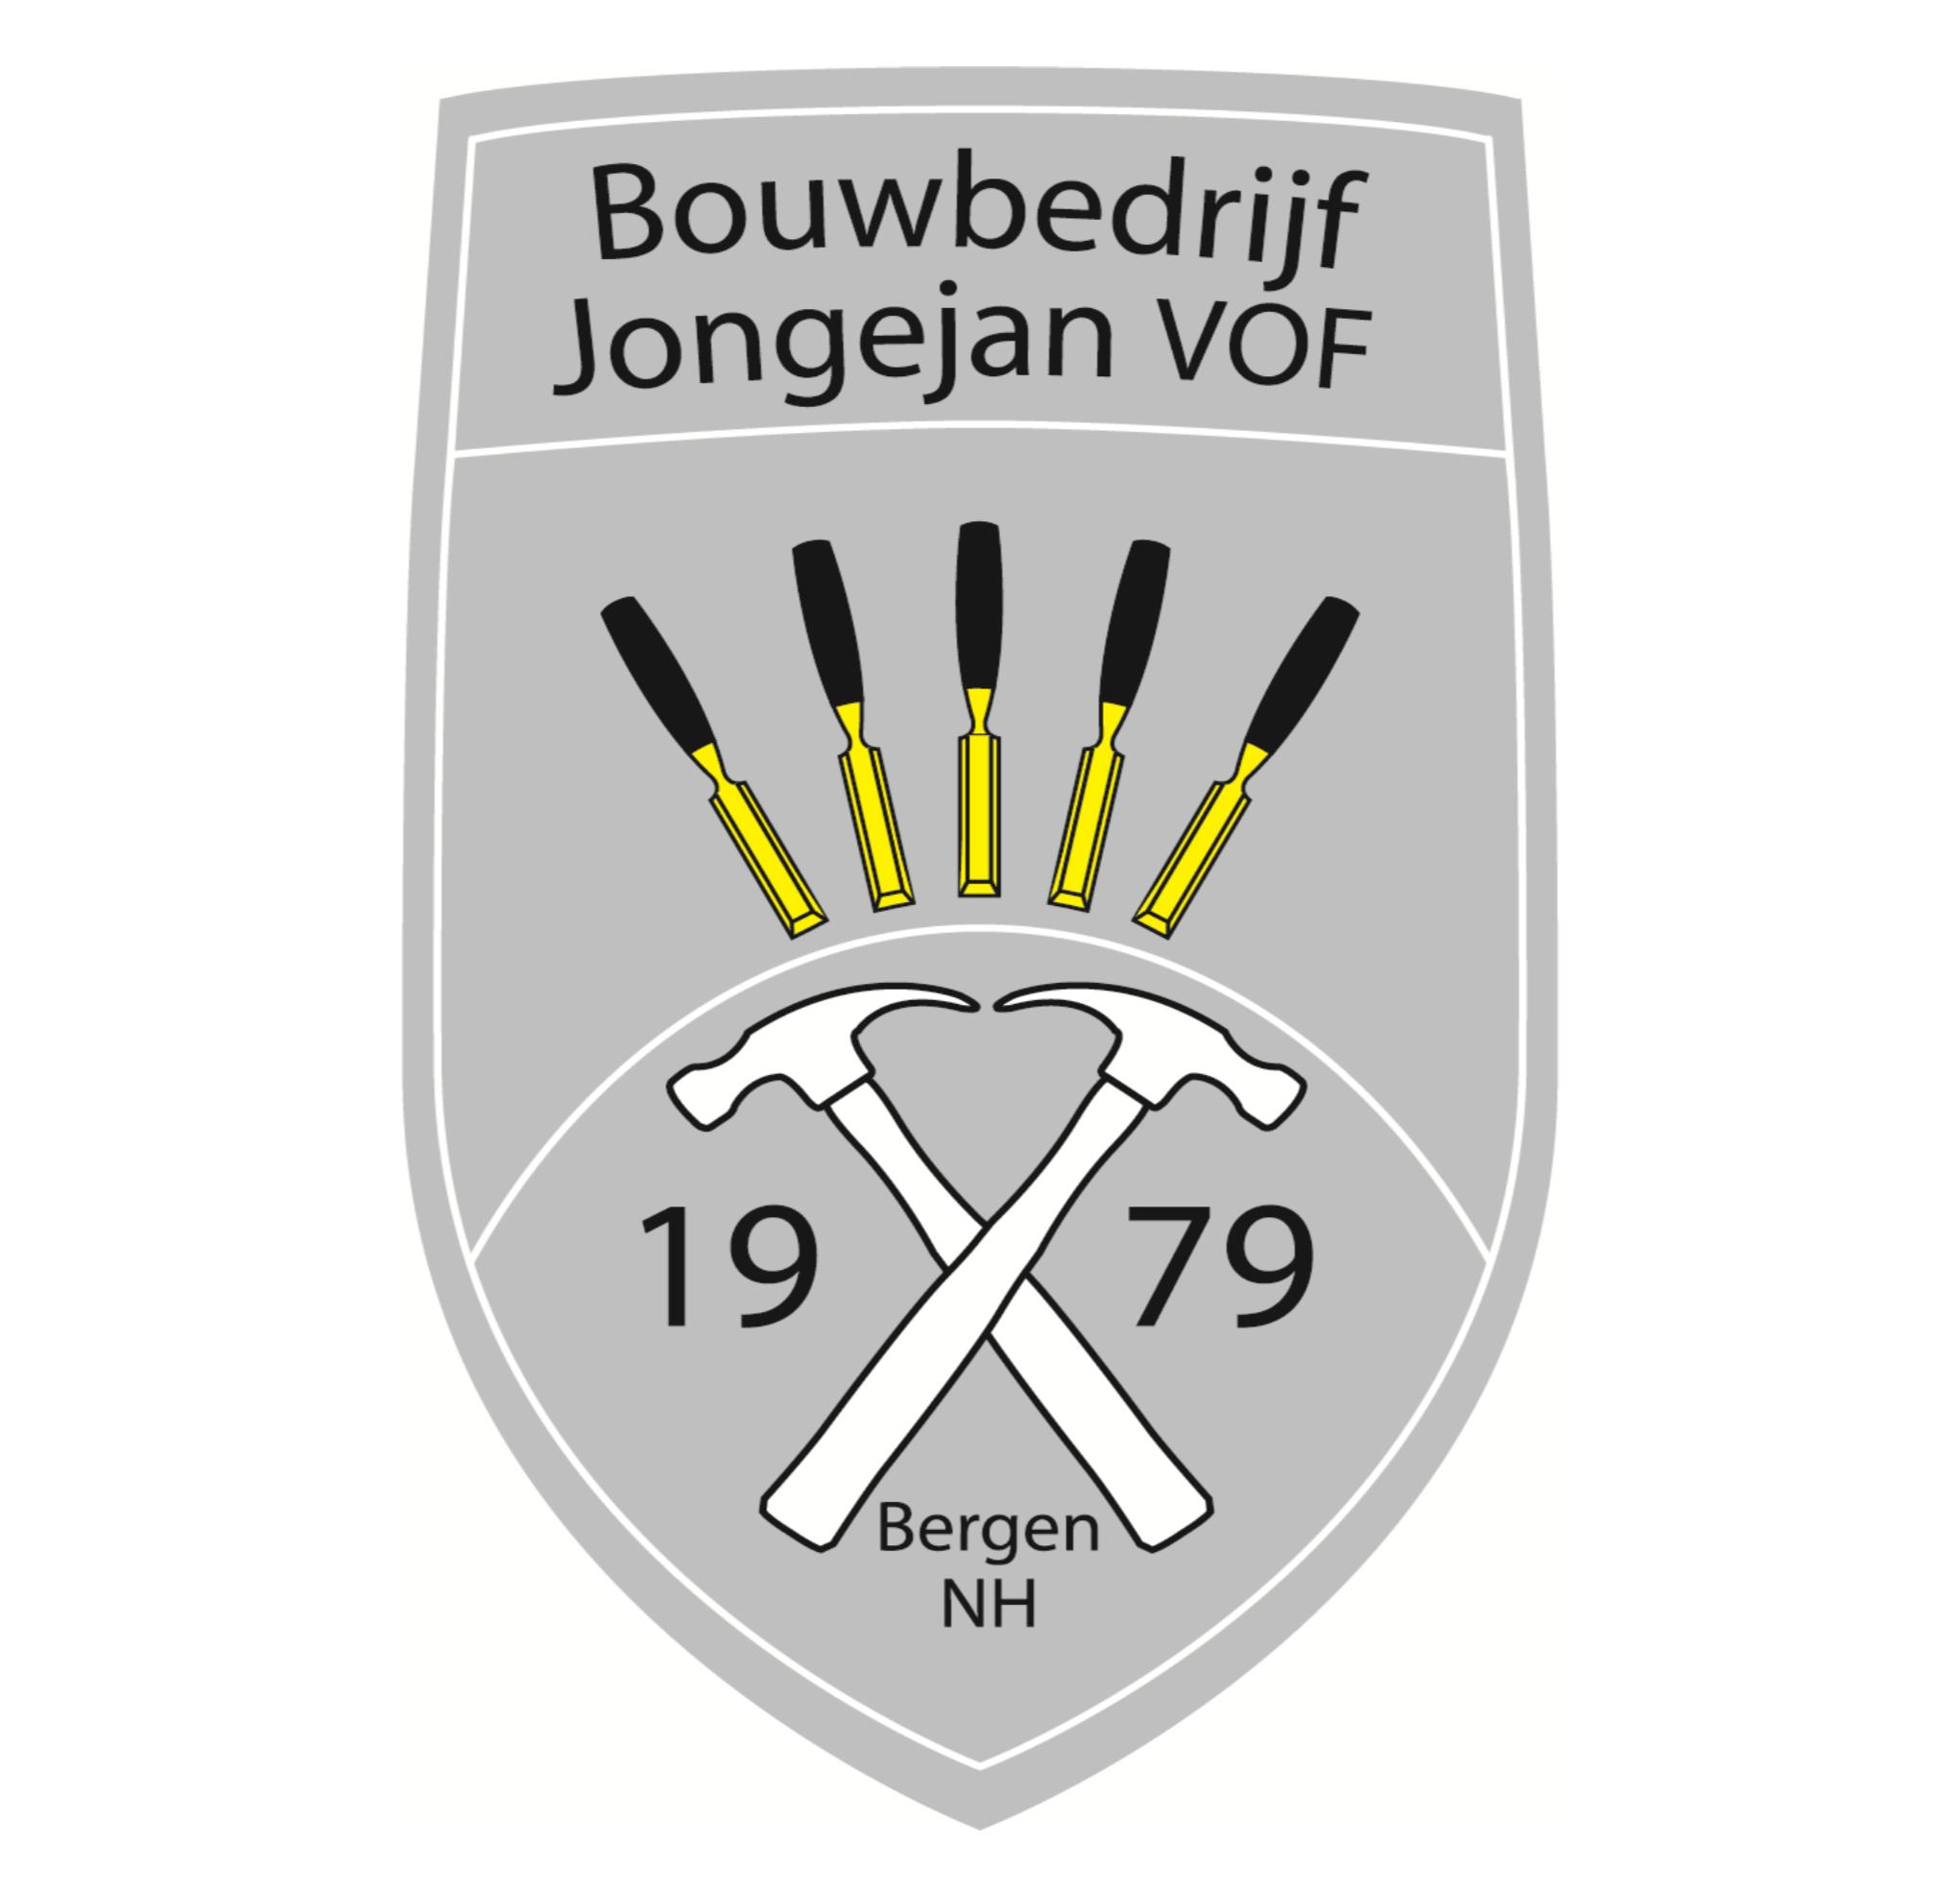 Bouwbedrijf Jongejan